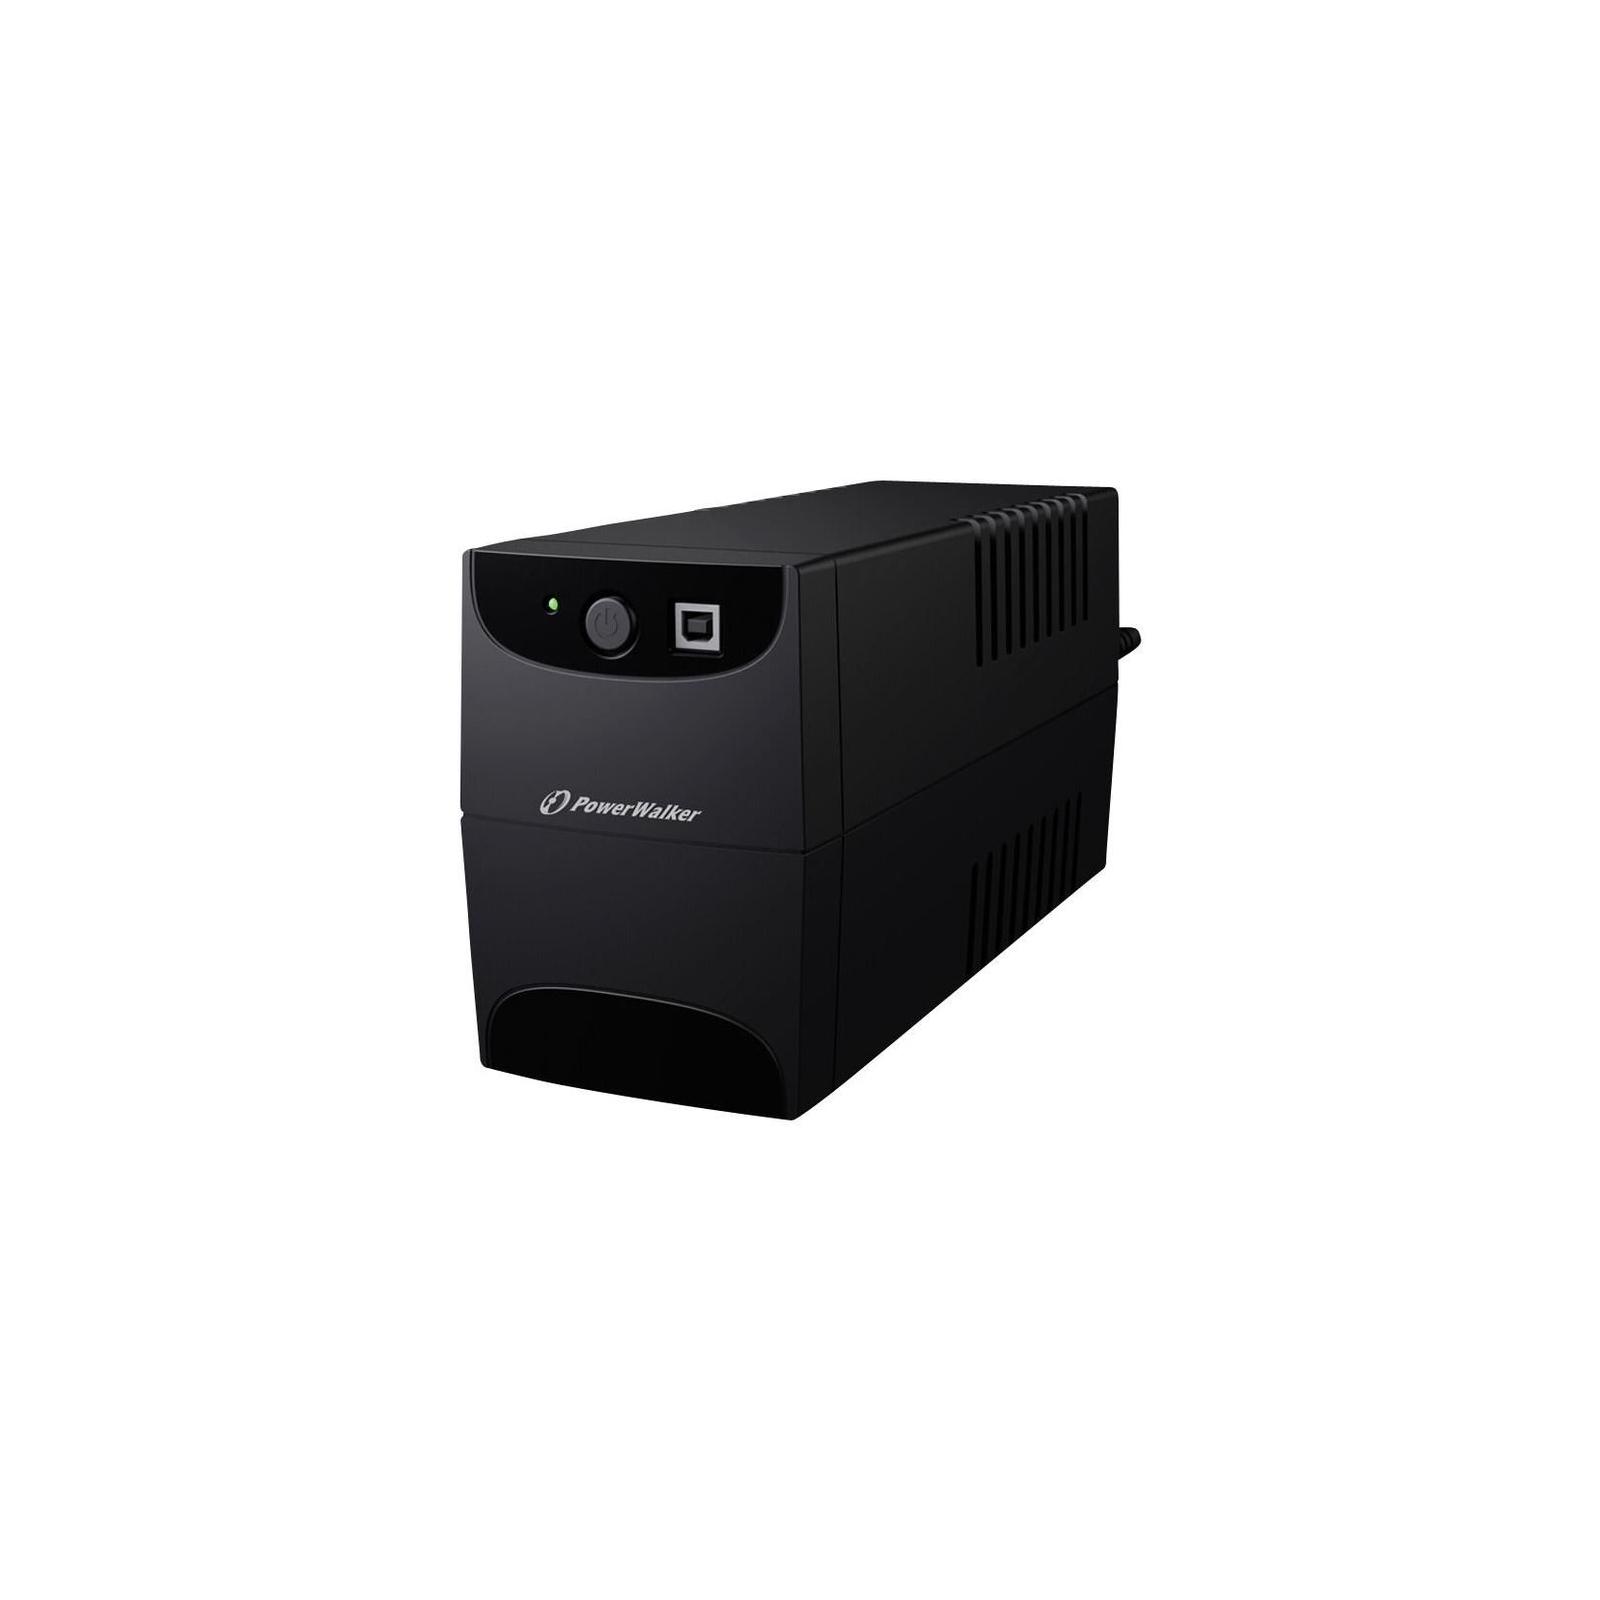 Источник бесперебойного питания PowerWalker VI 650 SE USB (10120048)